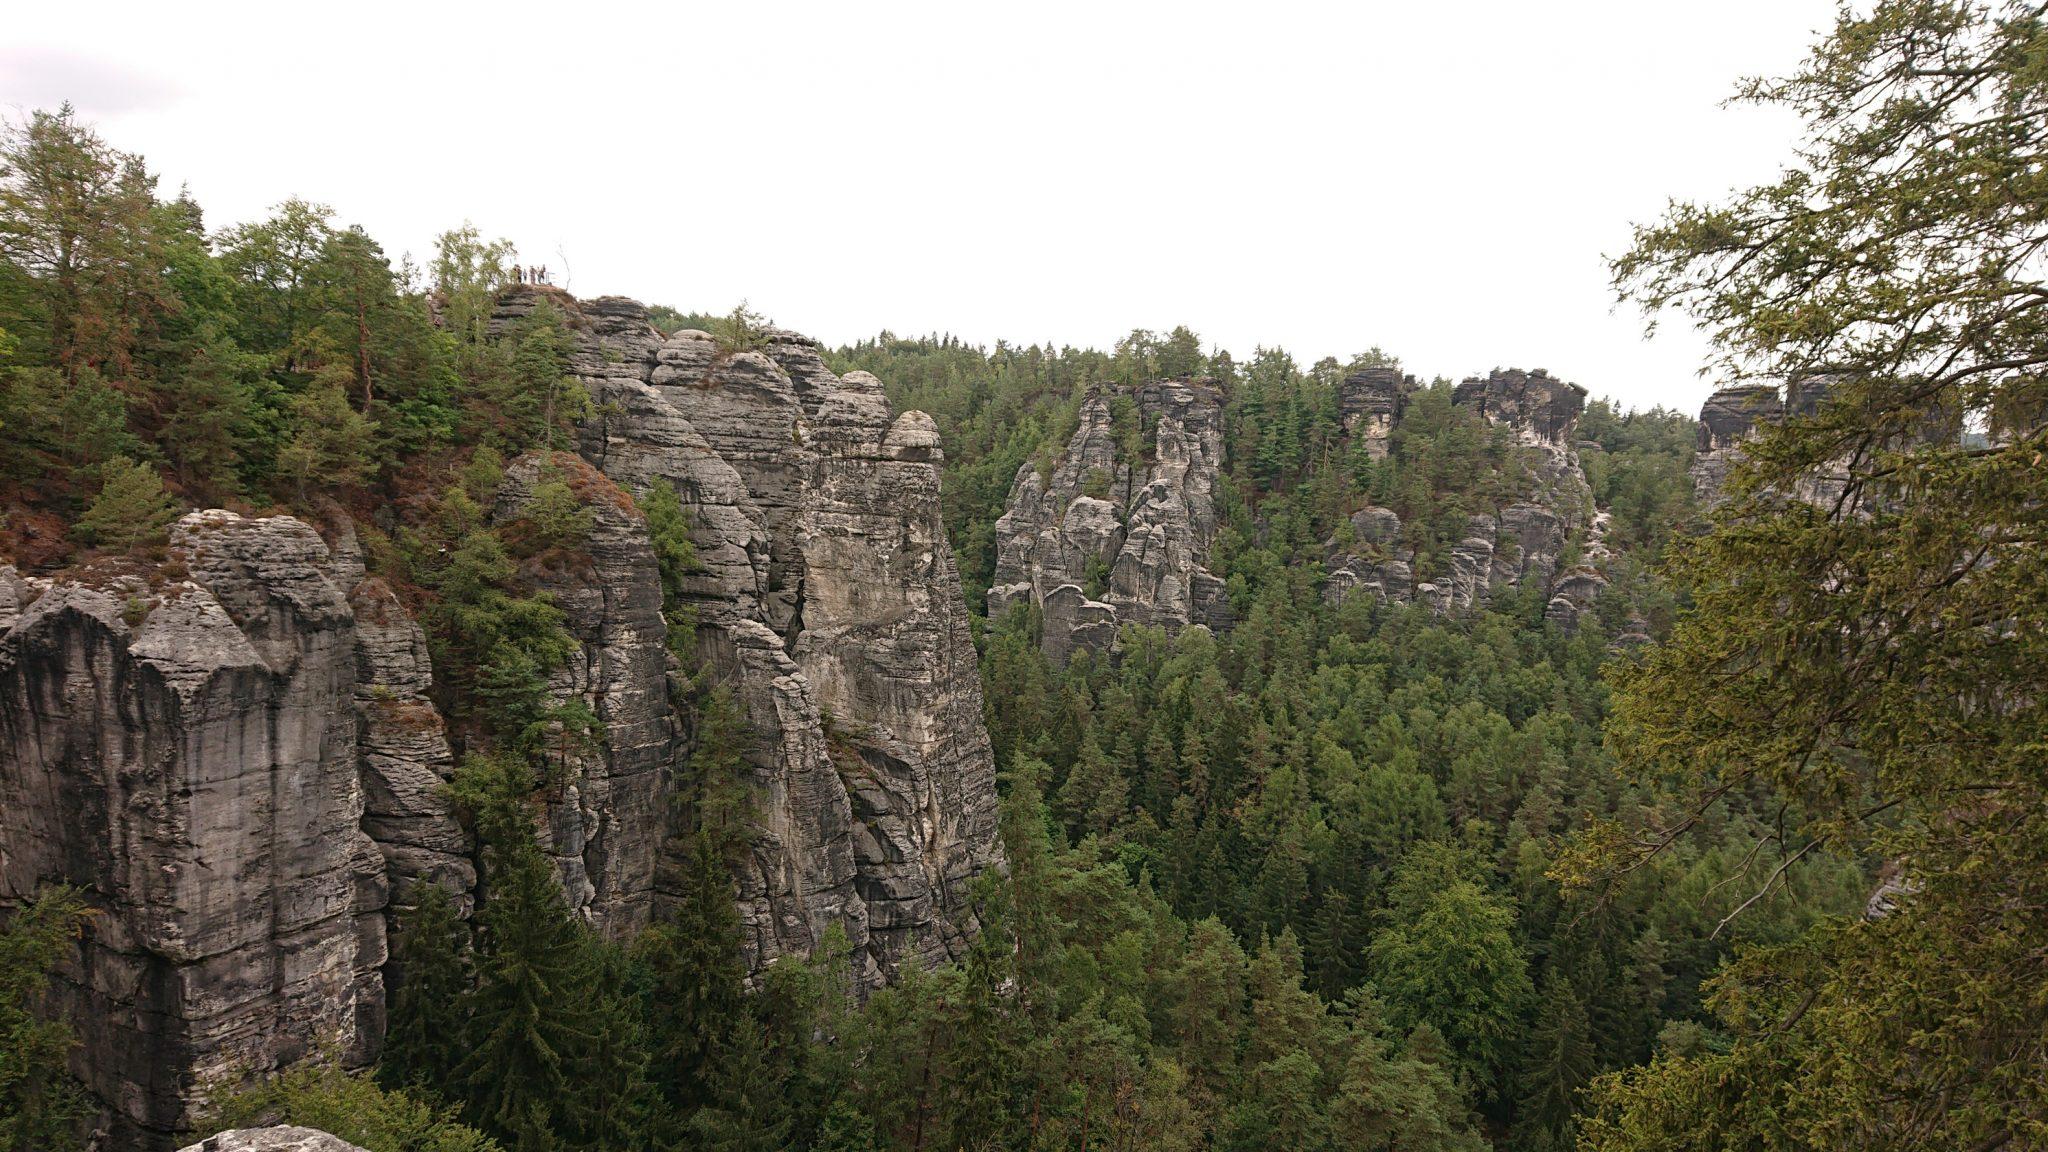 Wanderung durch Polenztal zur Bastei und zu Schwedenlöcher, Aussicht bei der Bastei, viele beeindruckende Felsen